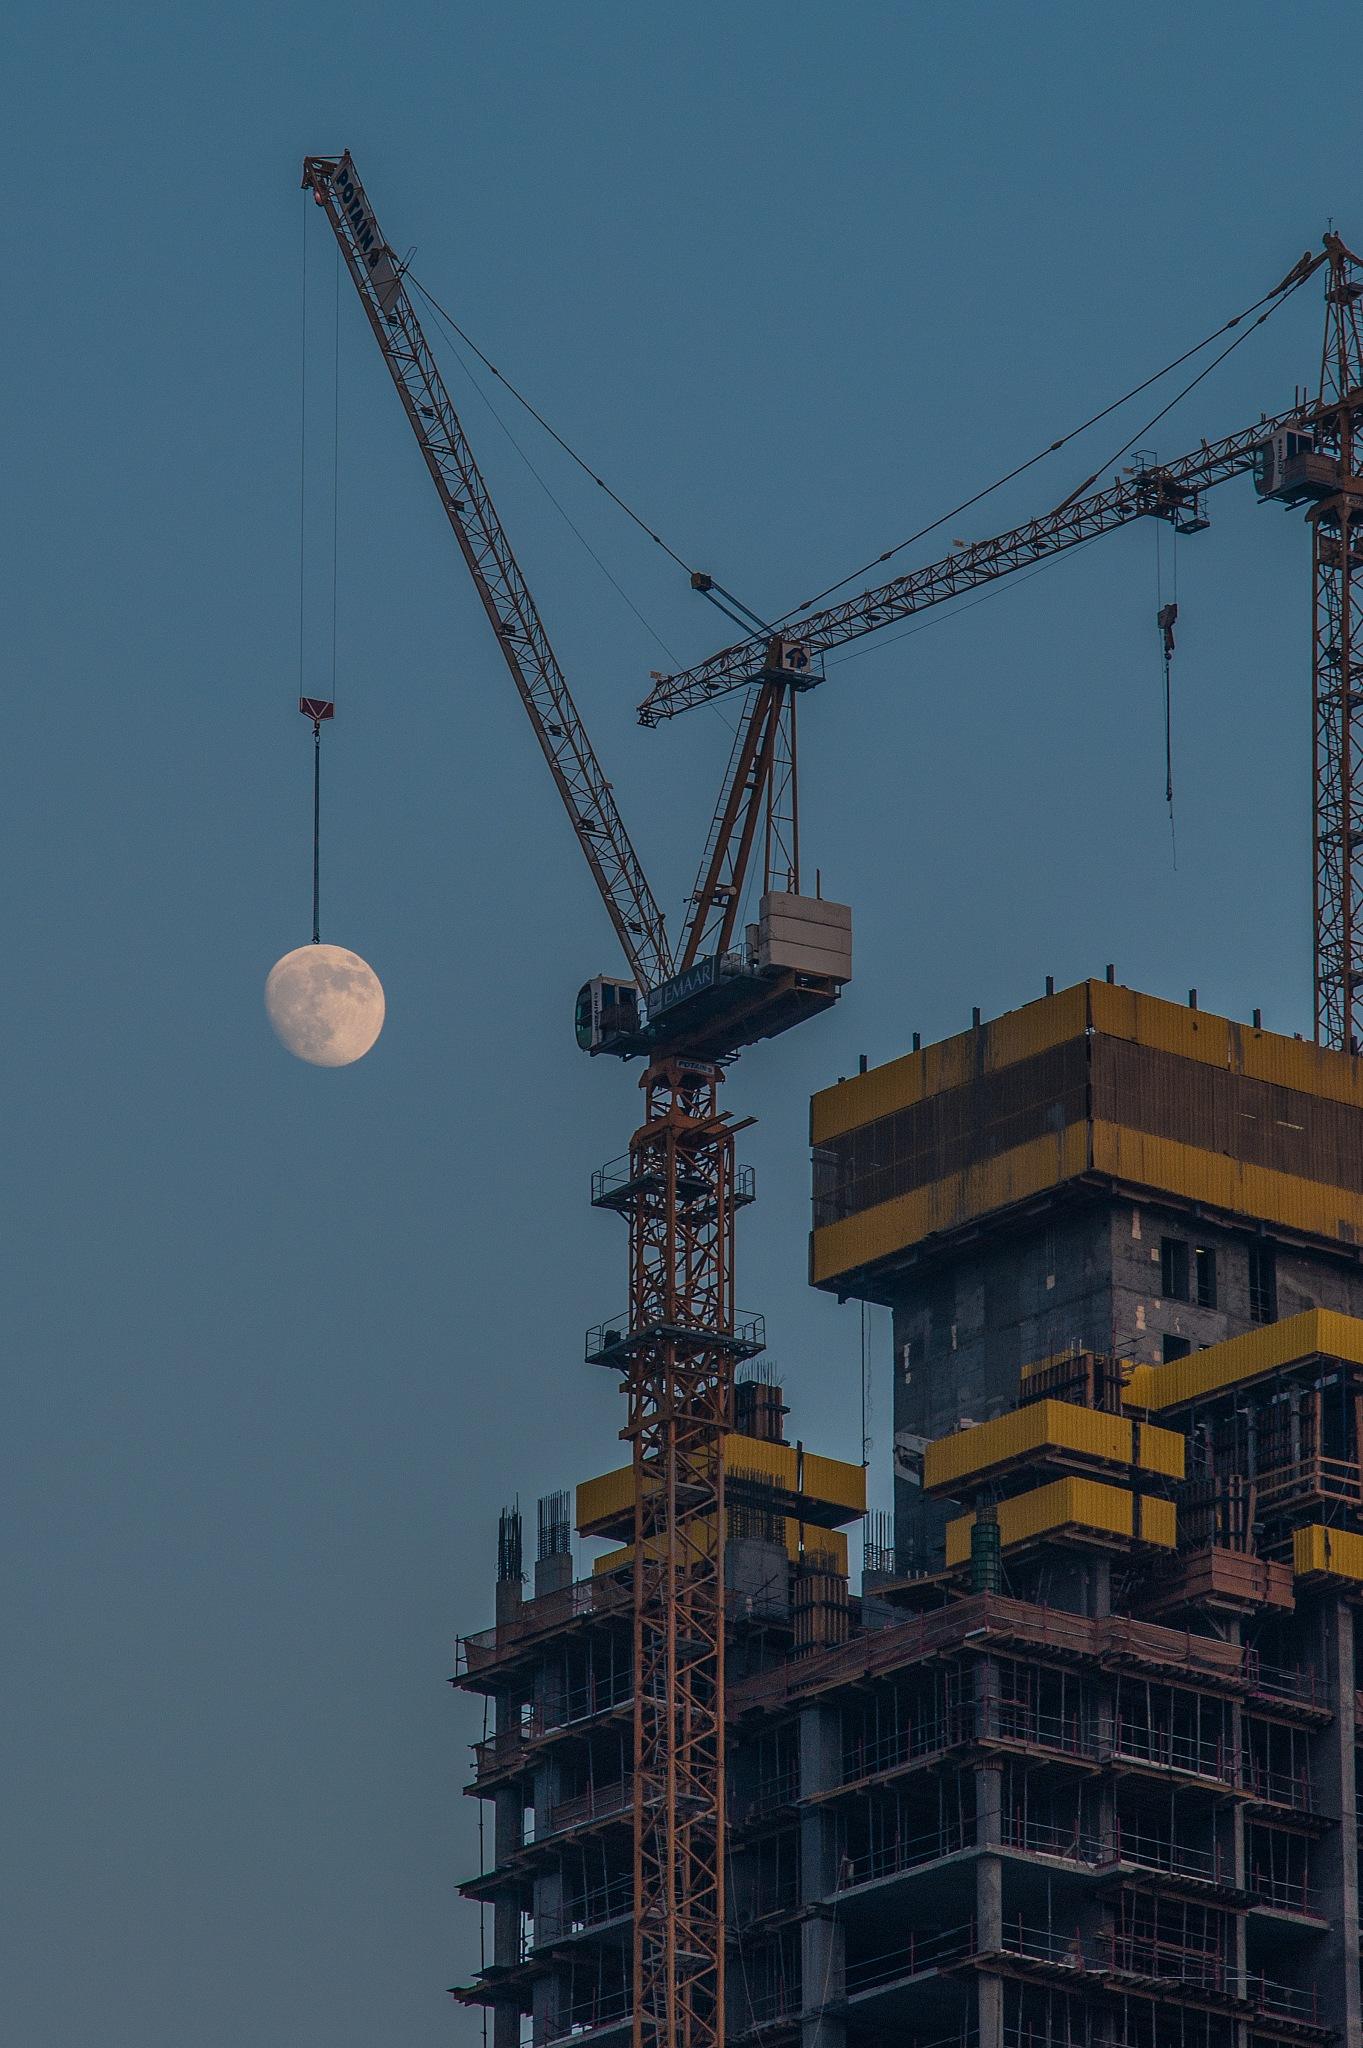 New Moon preparation is in progress. by Babar Swaleheen